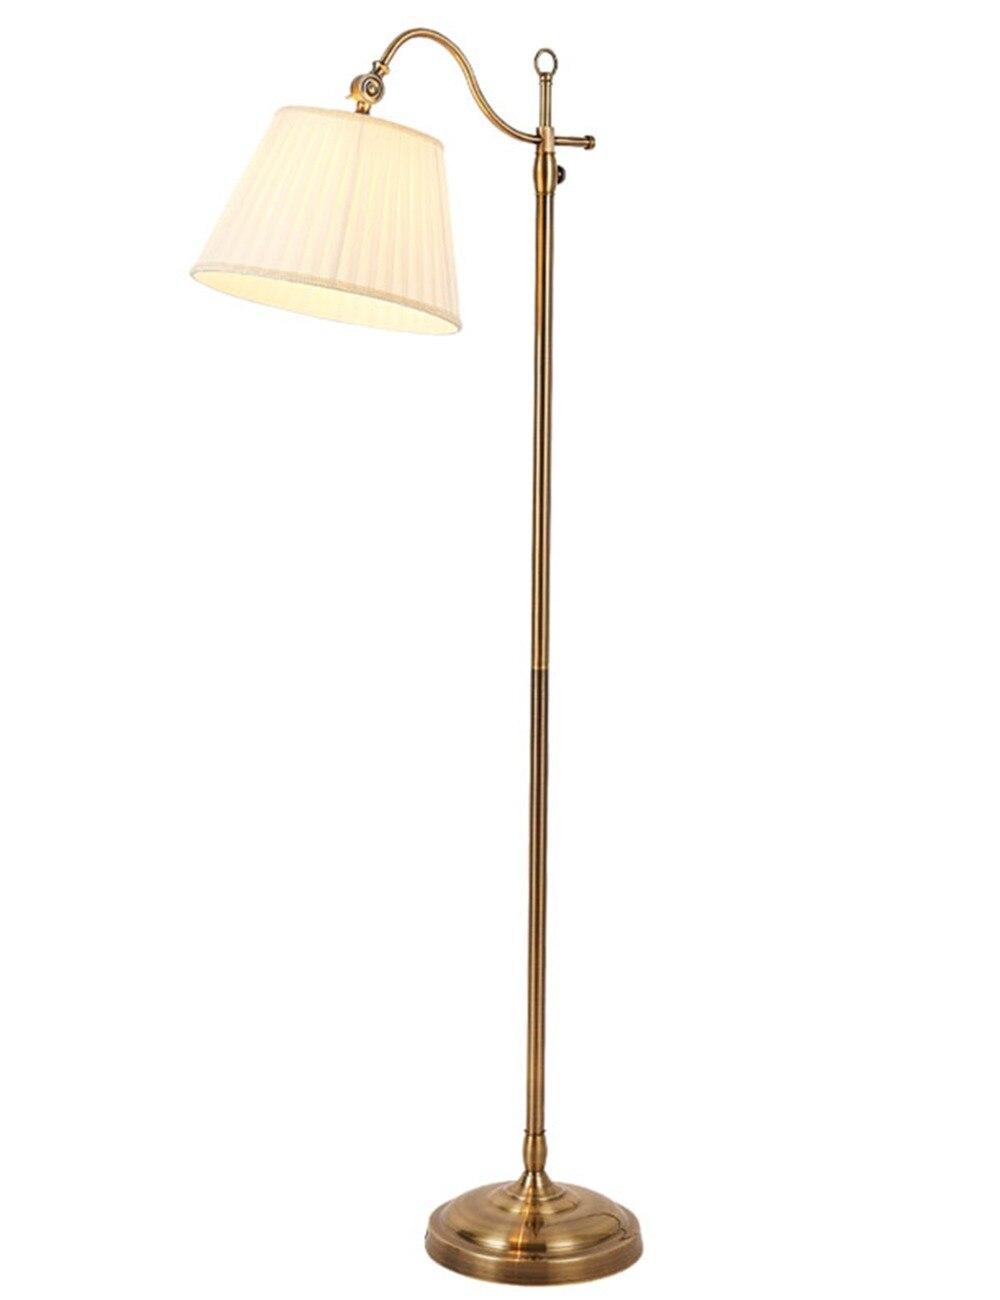 Moderna lámpara empotrada Industrial de Base pesada con sombra colgante con iluminación ambiental para lámpara LED de pie de interior